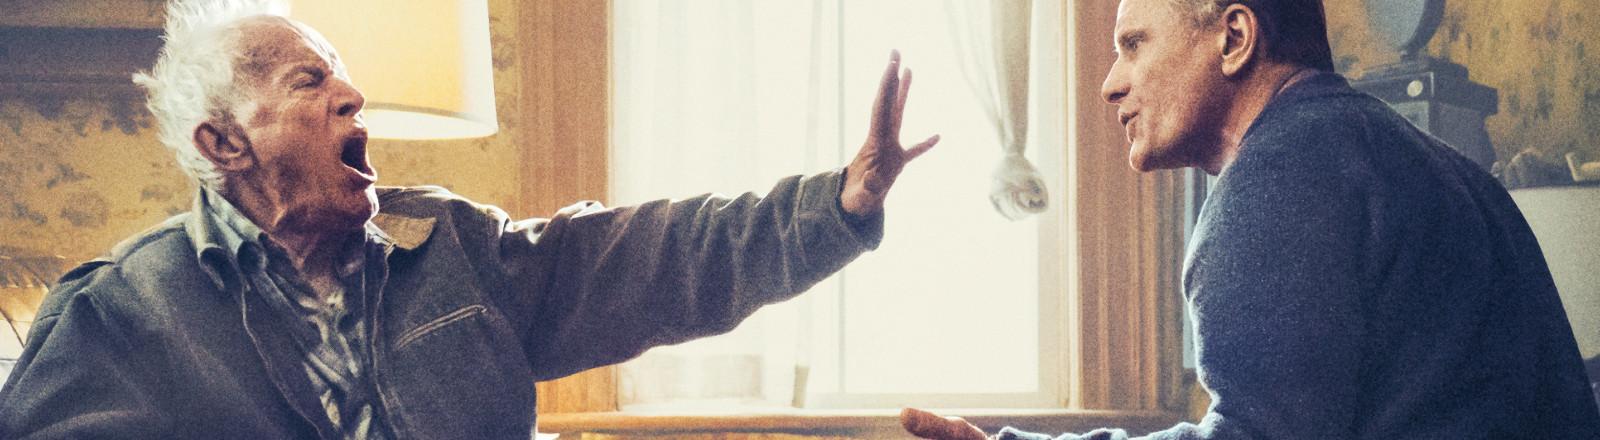 """Szenenbild aus """"Falling"""" - Das Verhältnis zwischen Willis (Lance Henriksen) und John (Viggo Mortensen) bleibt auch im Alter angespannt"""